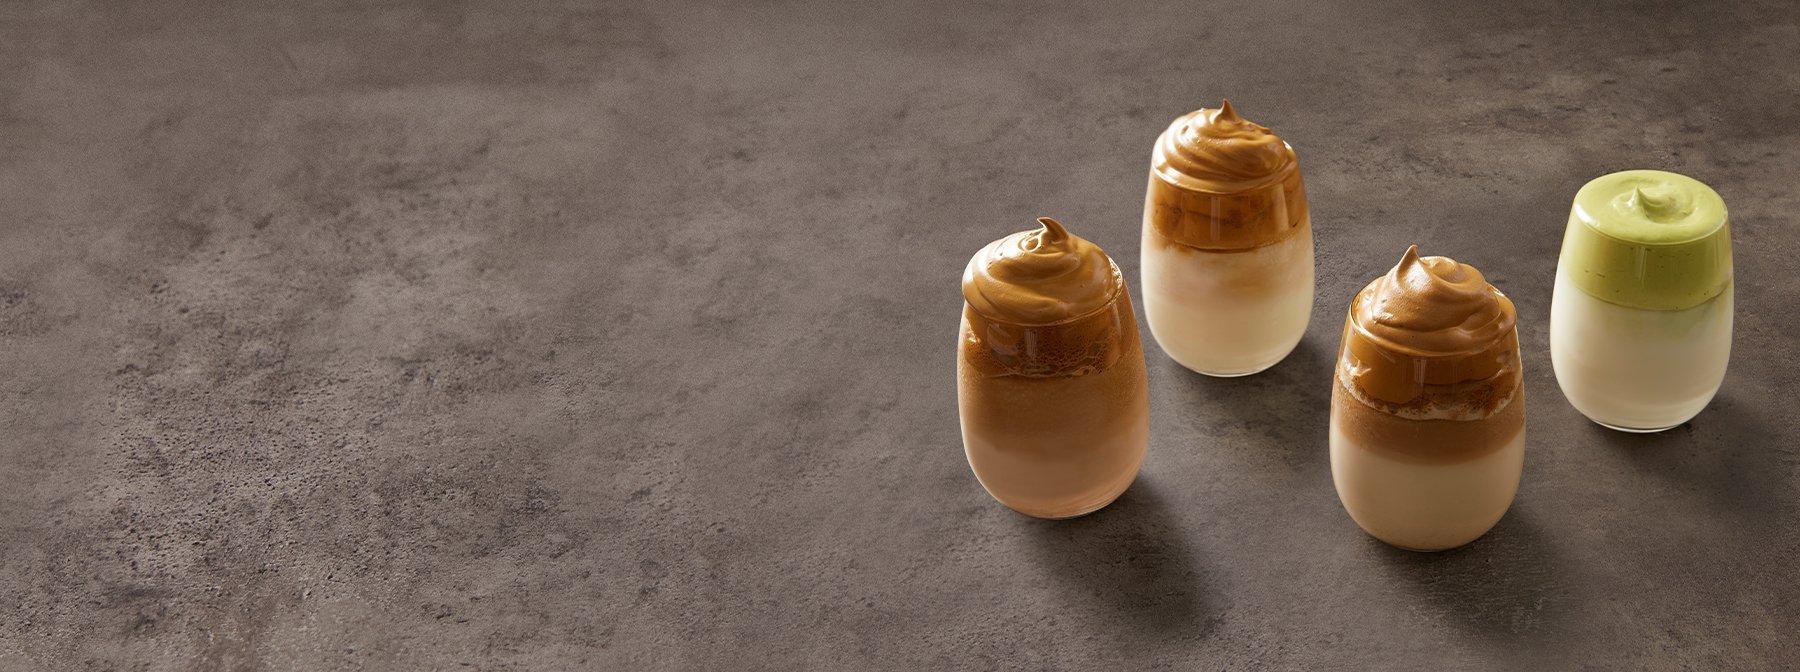 Dalgona kávé fehérjével | A nyár kedvence 2 fenséges ízben